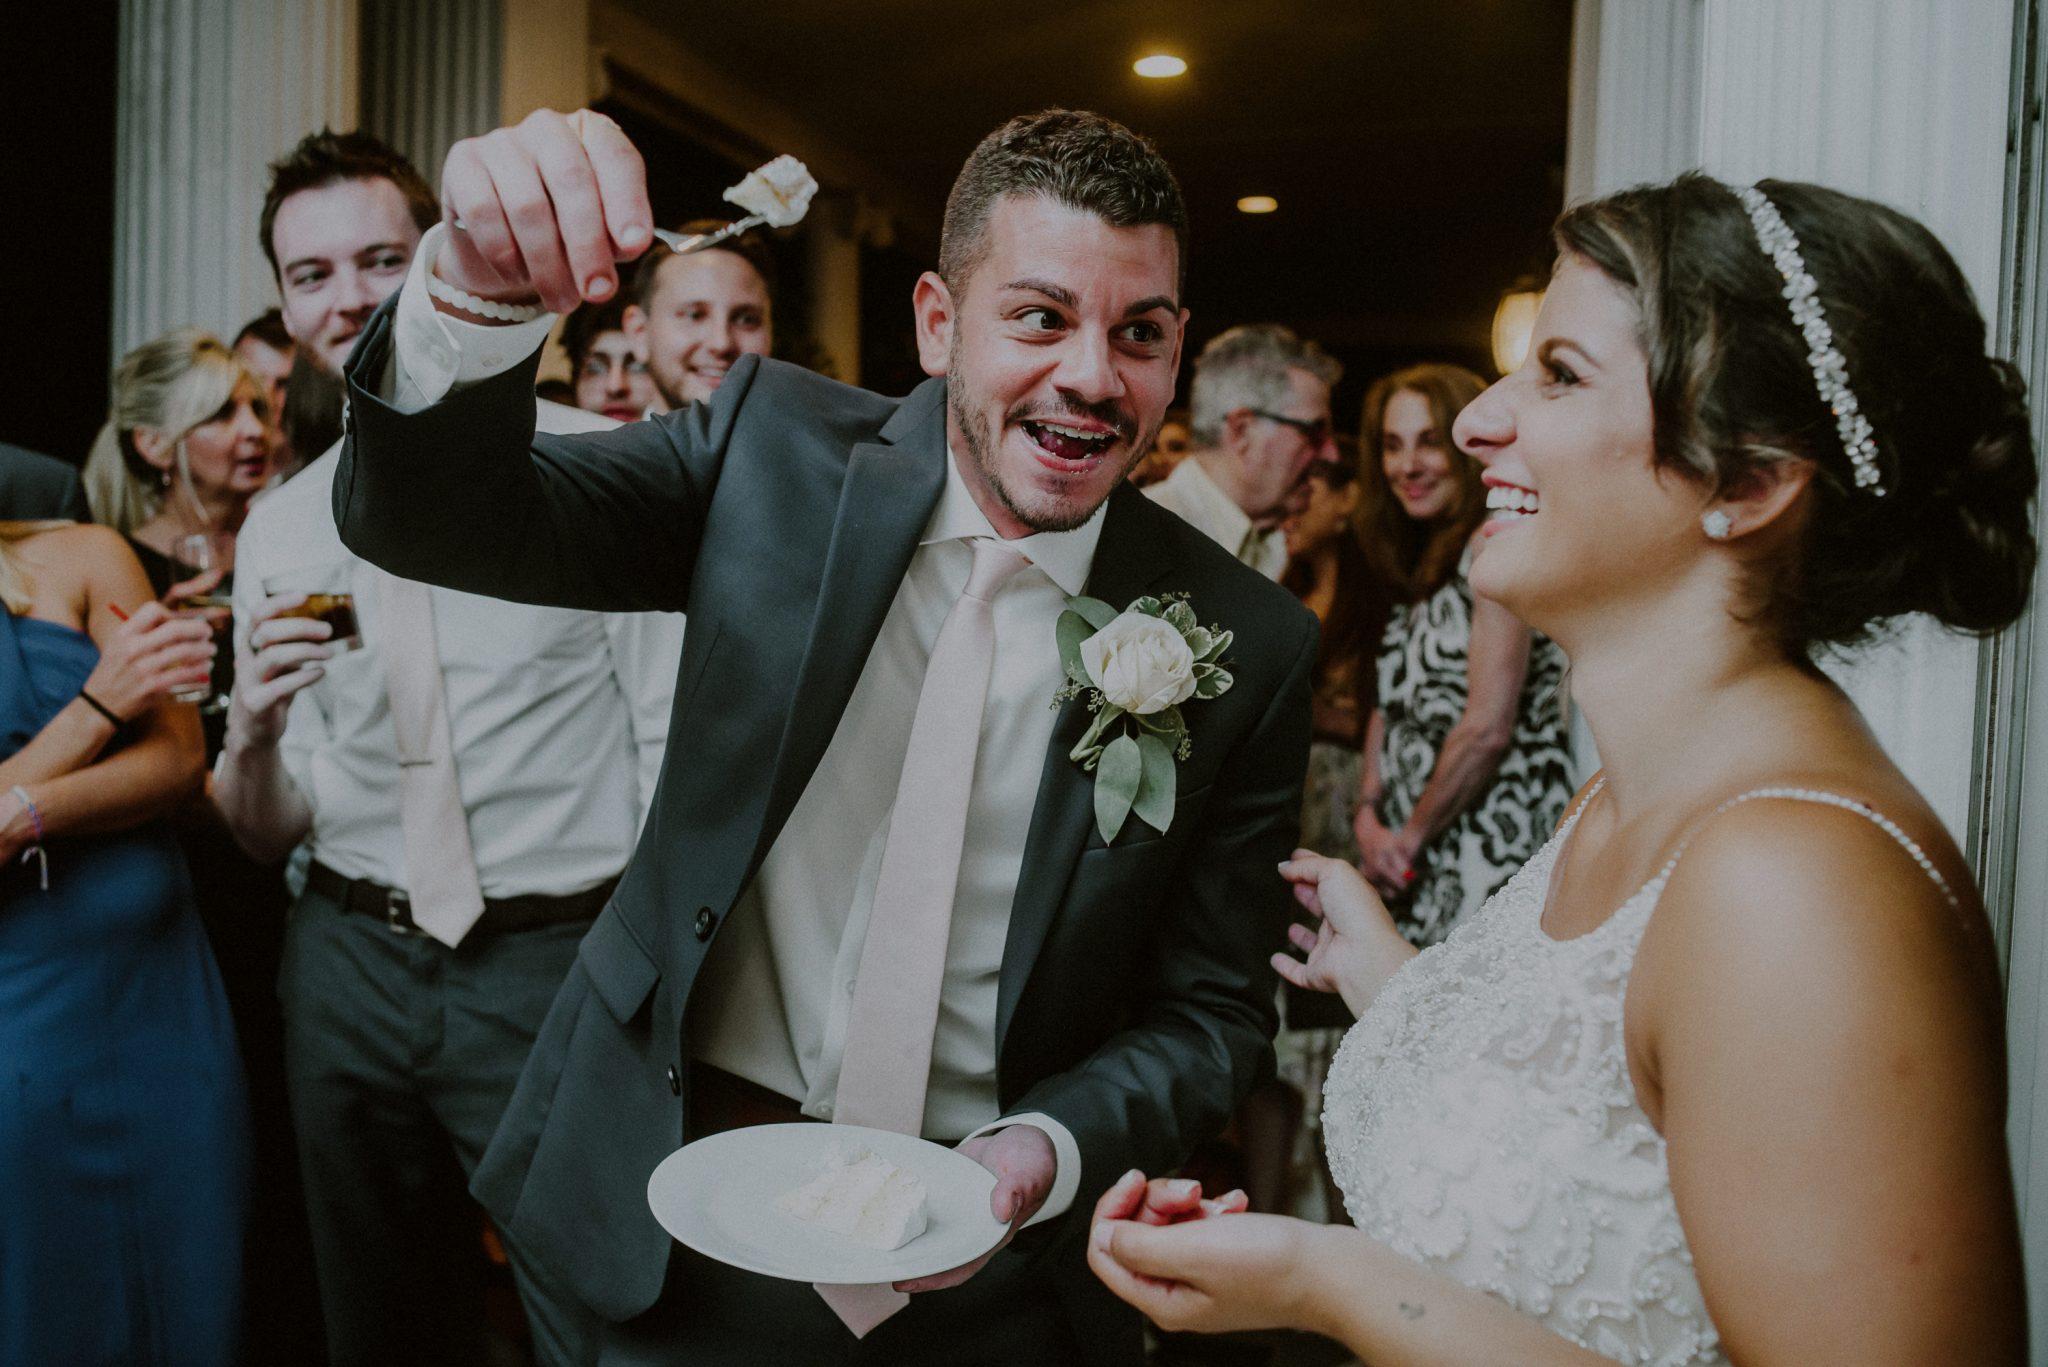 Connecticut wedding photos